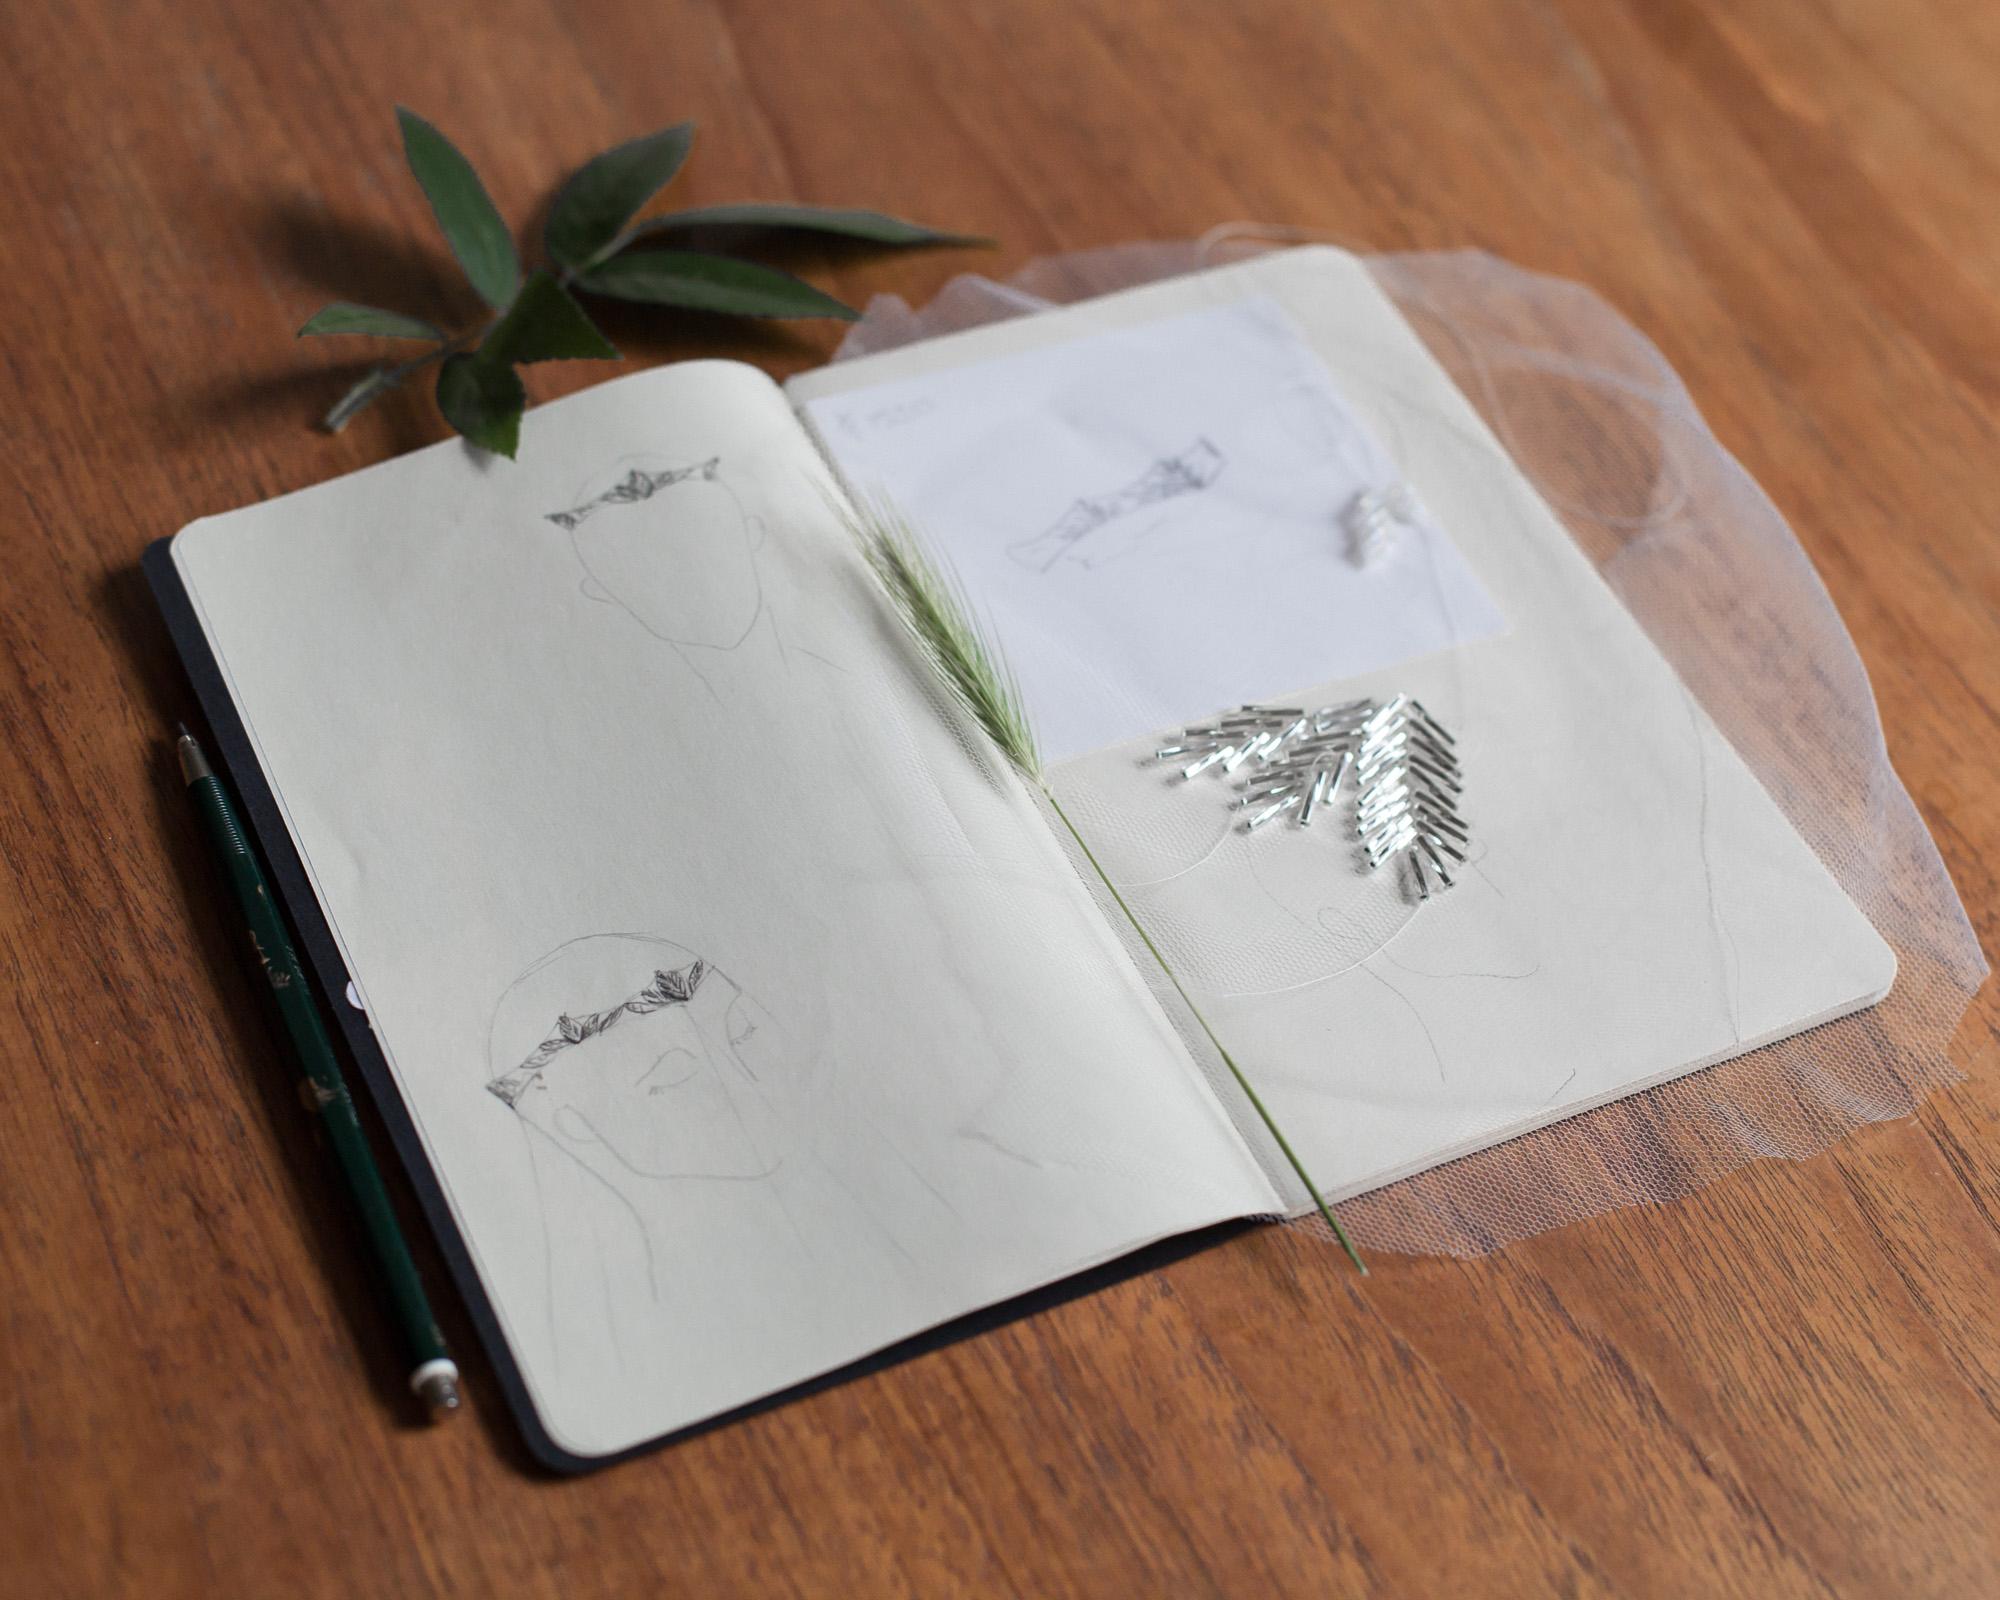 sketch-for-bridal-headpiece-alternative-bride